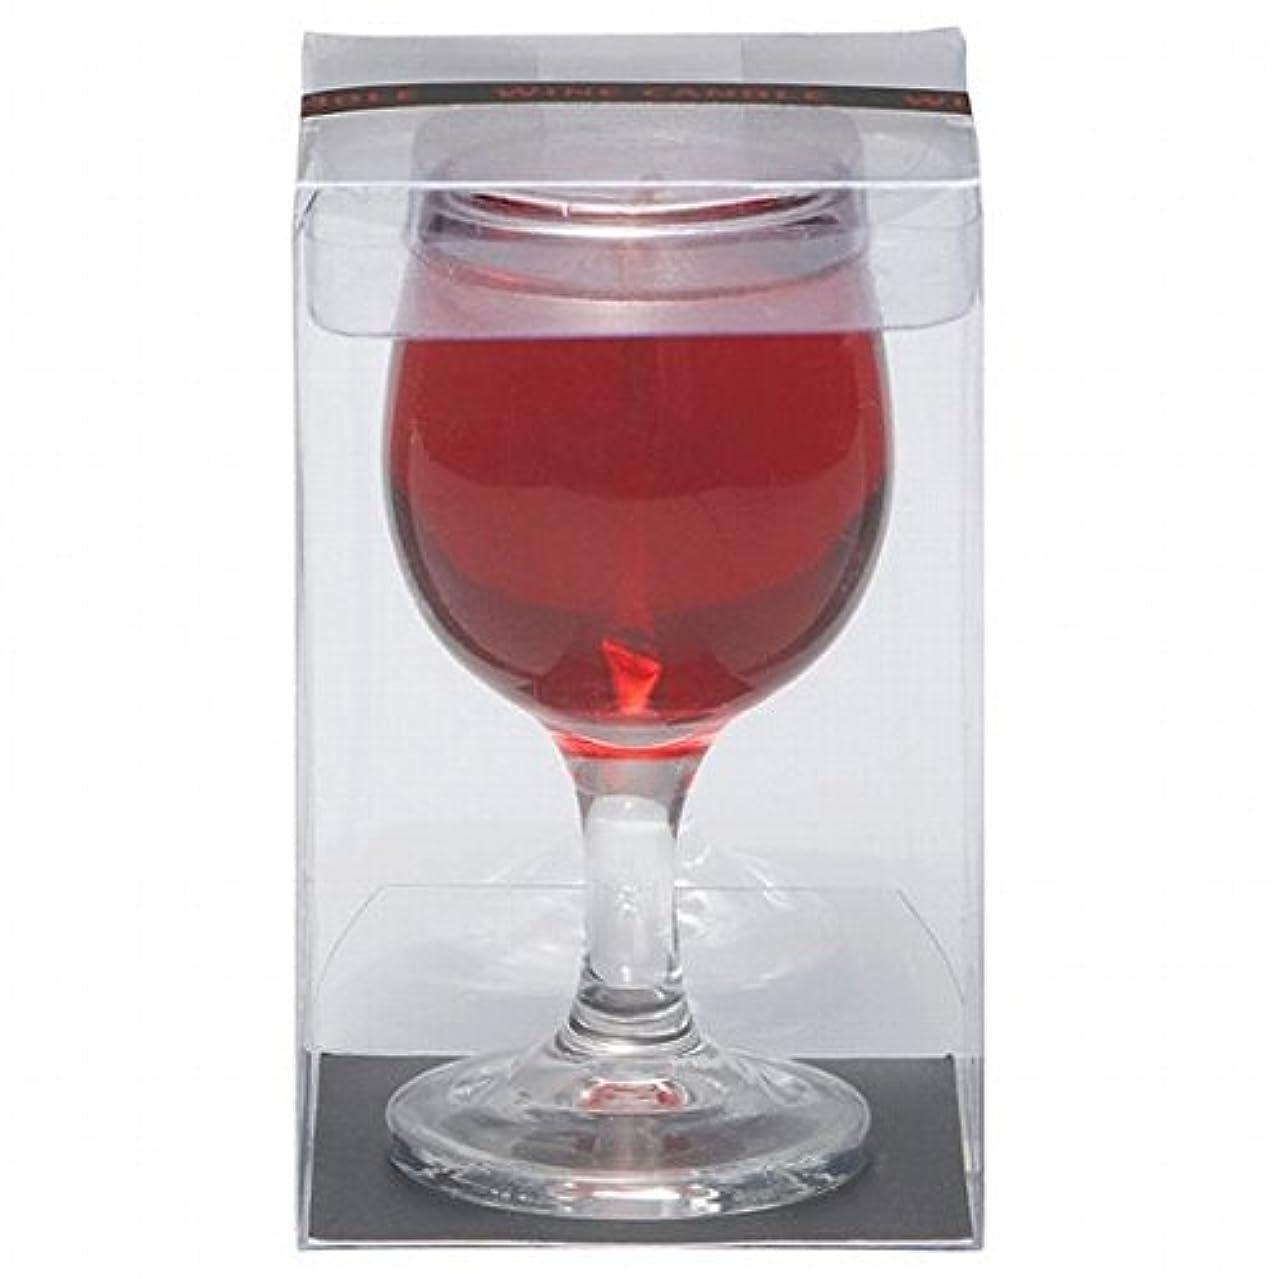 素晴らしさ置換殺すカメヤマキャンドル(kameyama candle) ワインキャンドル